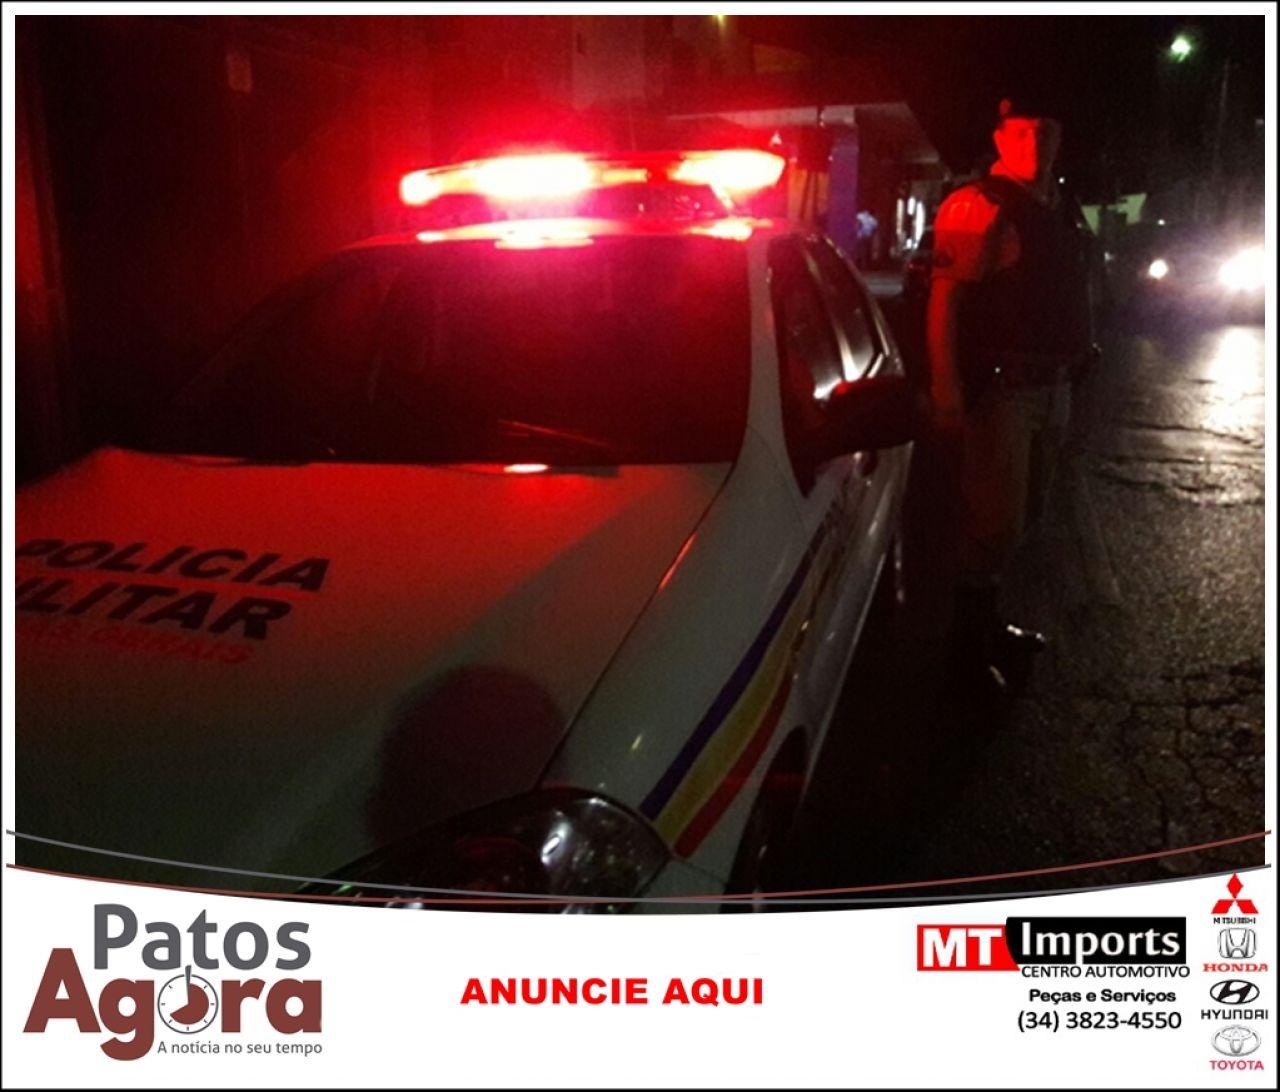 Filho, alegando sofrer violência doméstica, assassina o pai de forma cruel na zona rural de João Pinheiro